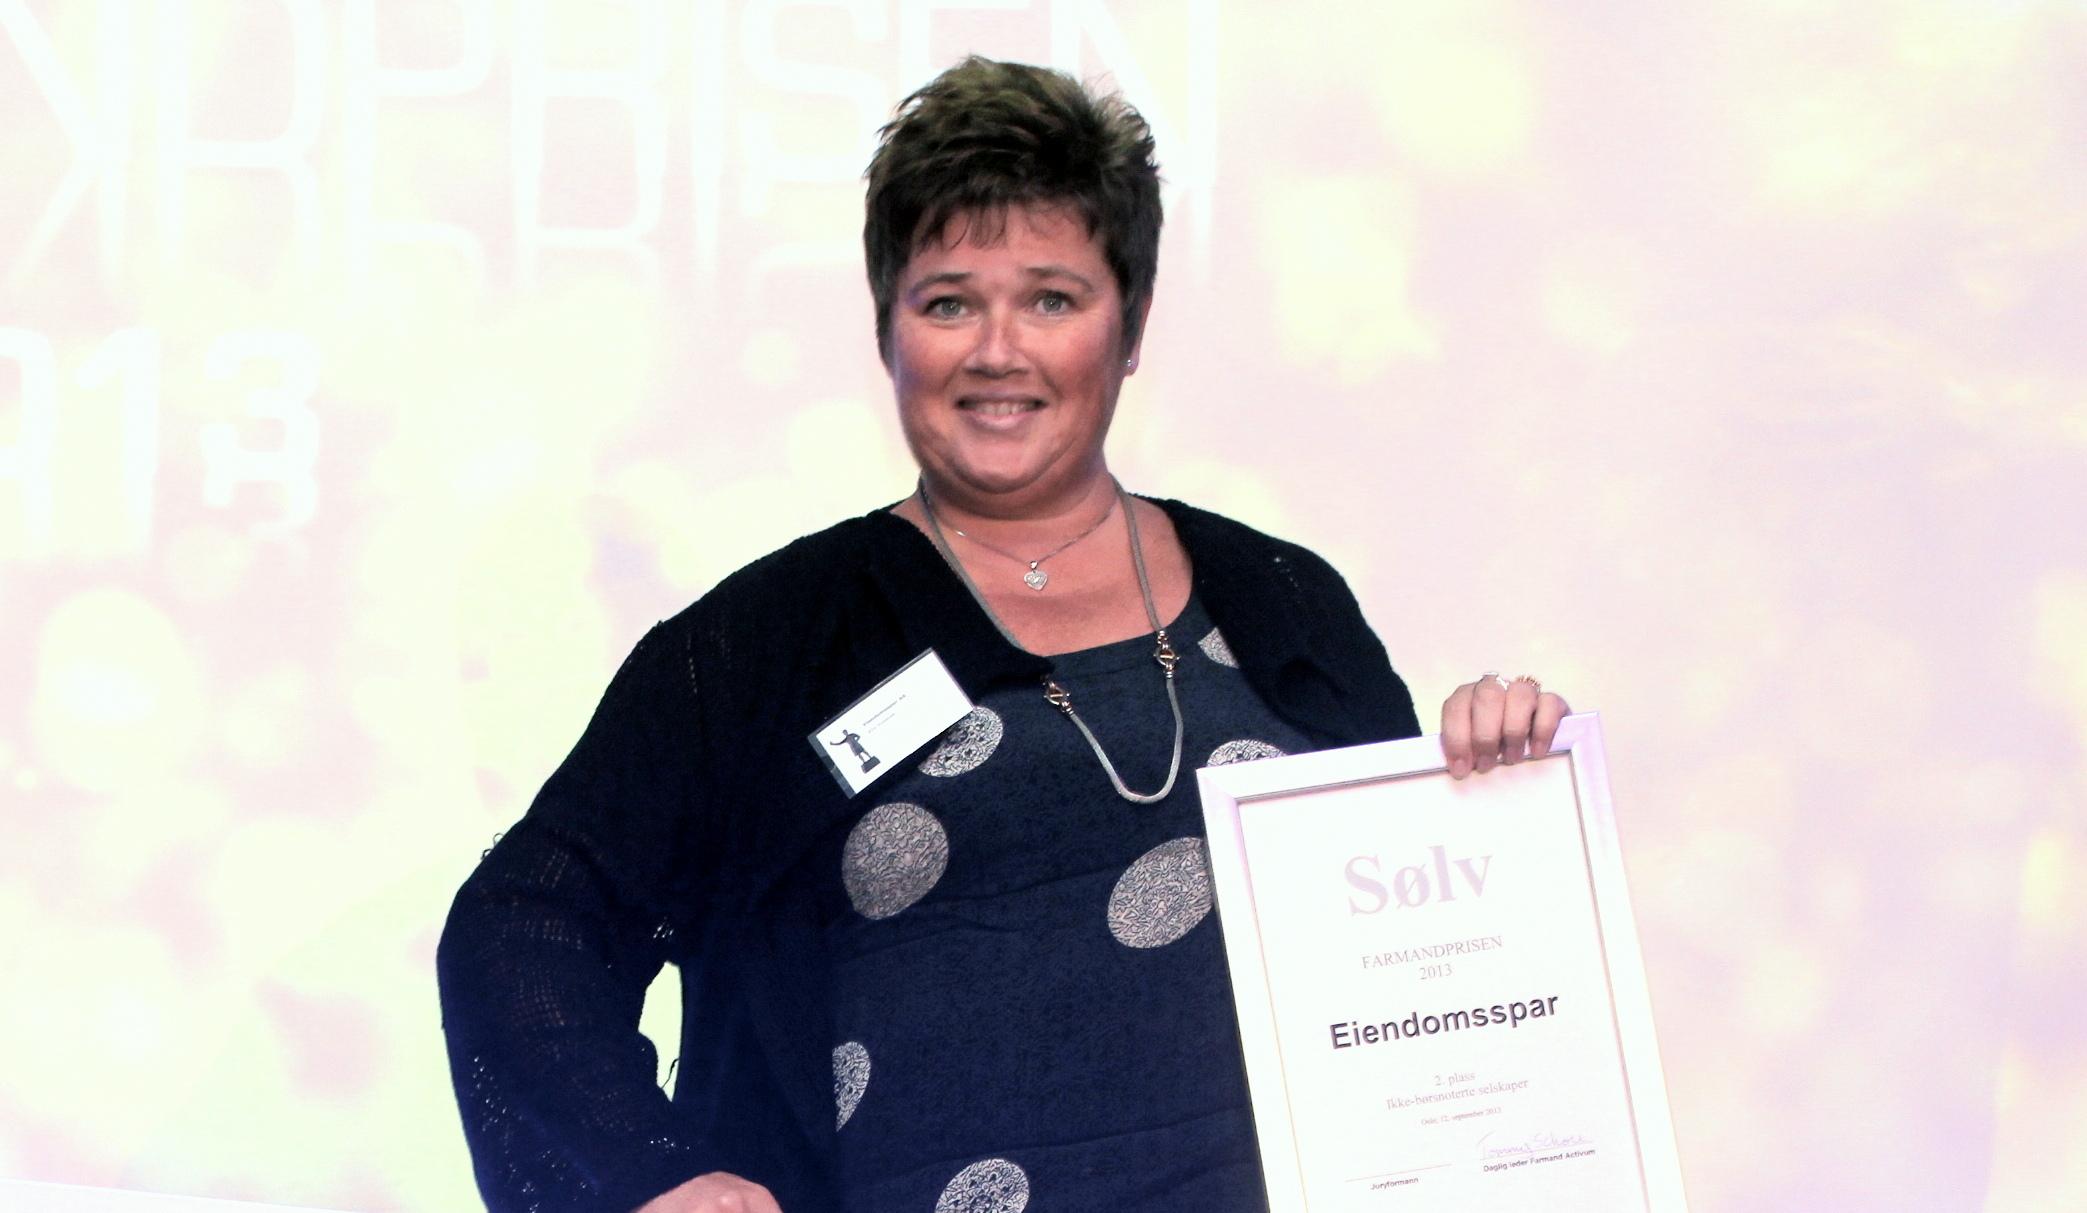 Farmandprisen Beste Årsrapport 2013 - Ikke børsnoterte selskaper nr 2: Eiendomsspar